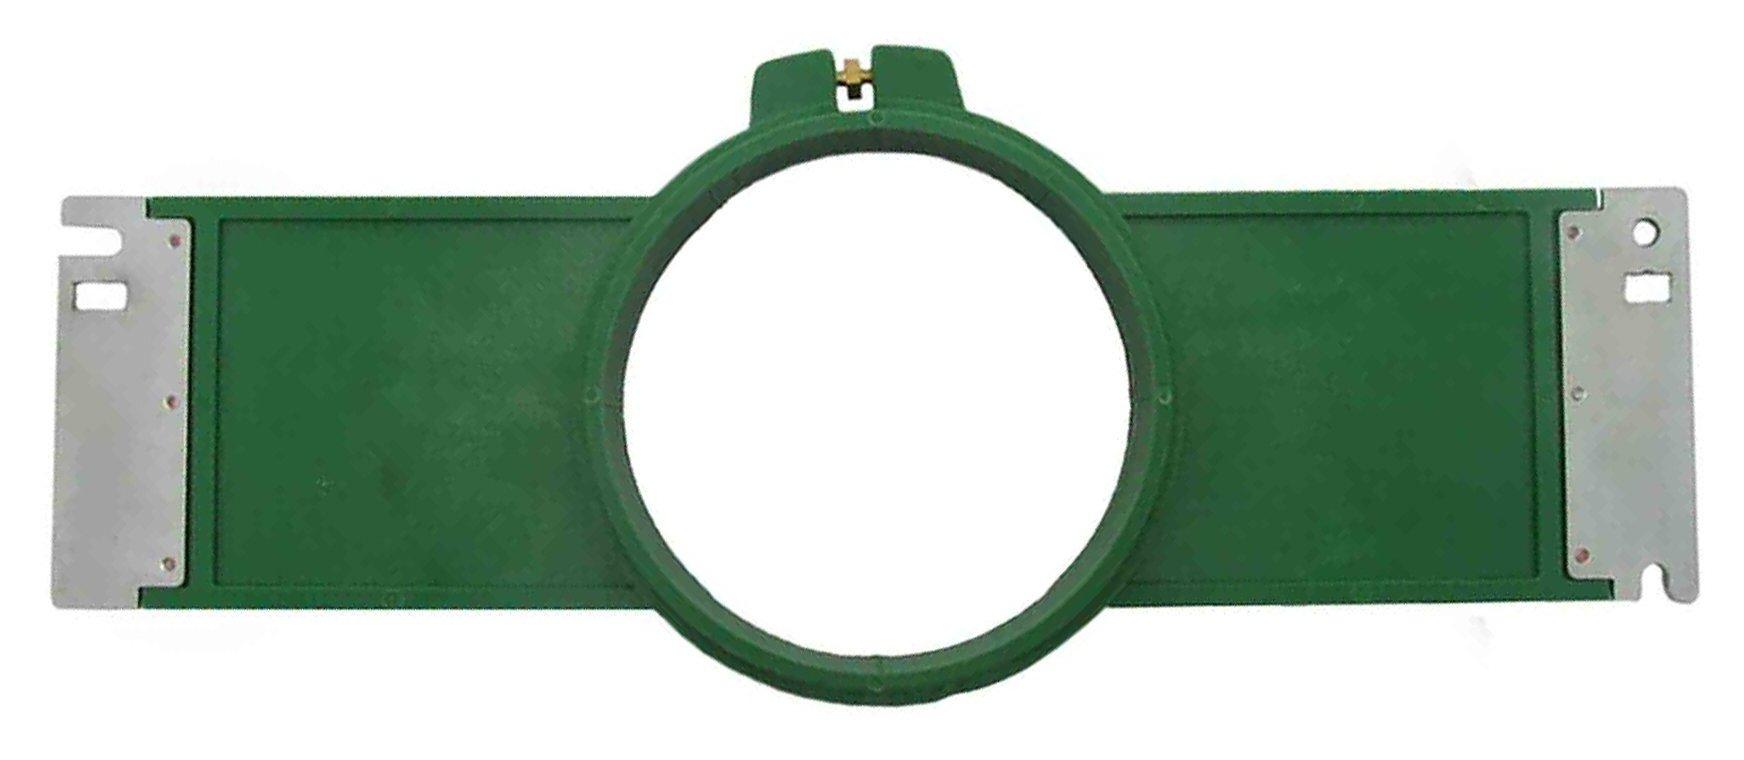 12 см Tajima трубчатый каркас для машинной вышивки Tajima вышивка обруч длина 355 мм